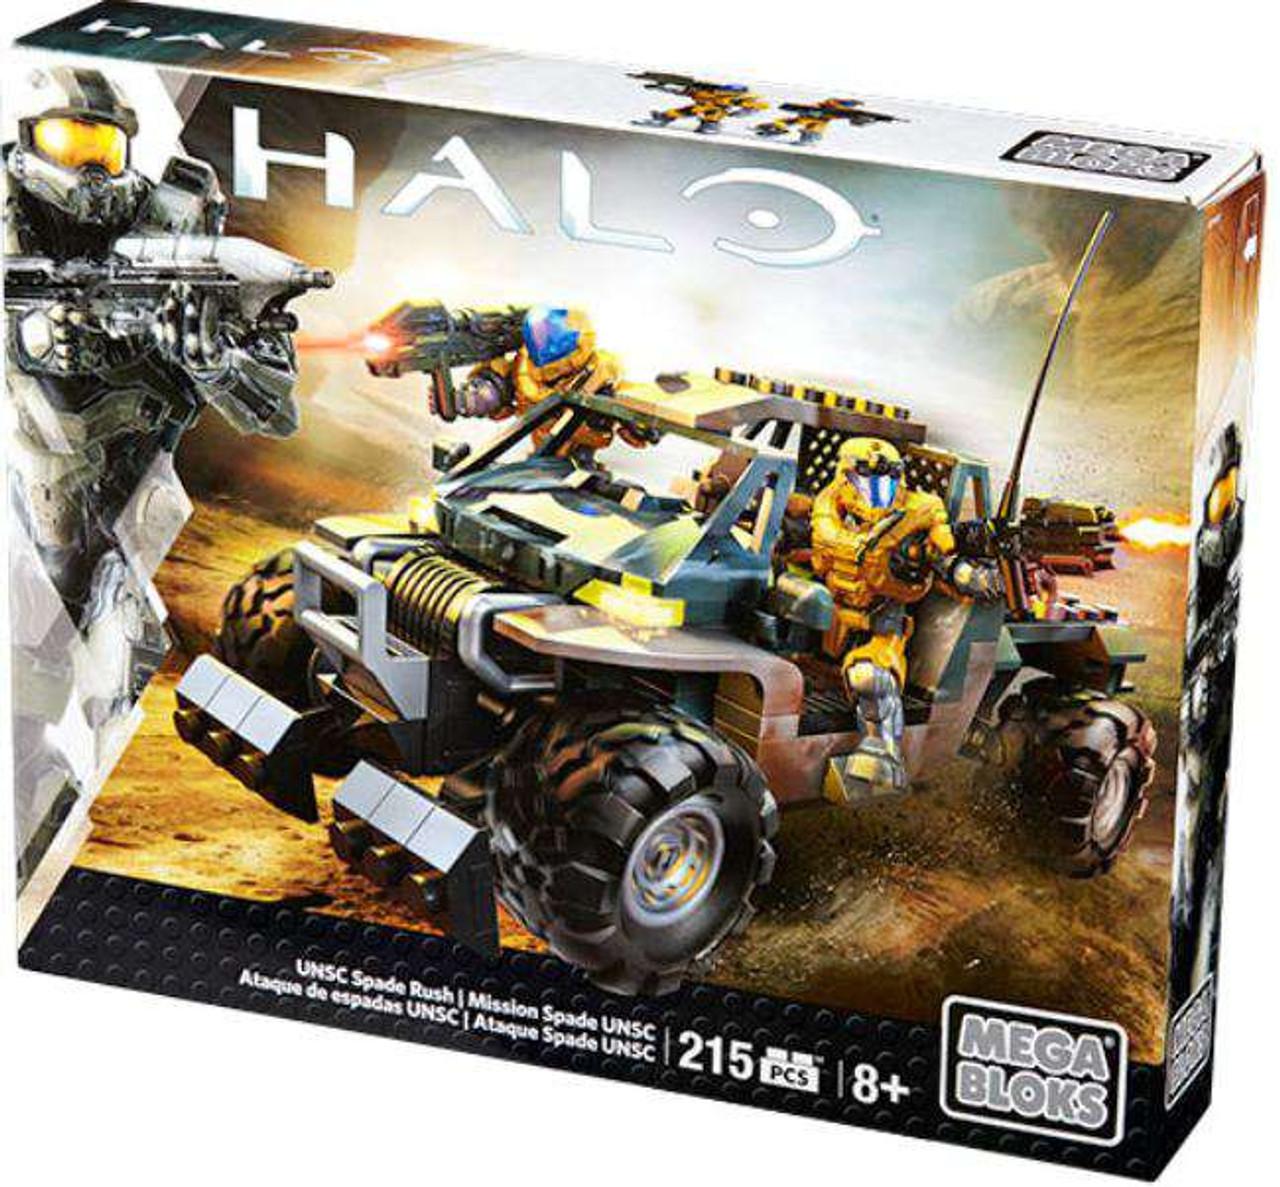 Mega Bloks Halo UNSC Spade Rush Set #32730